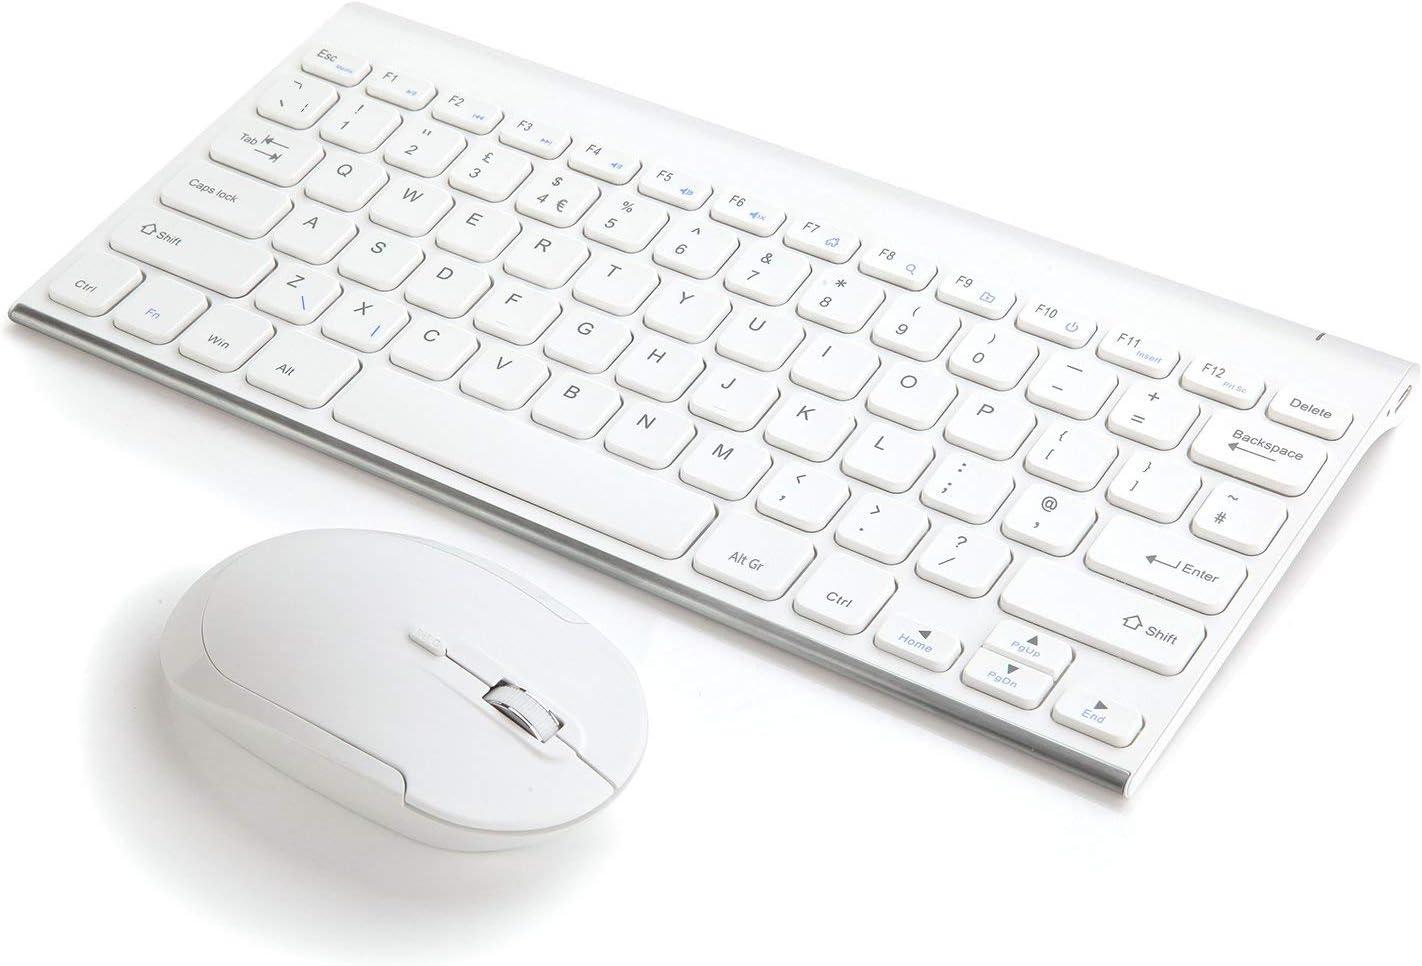 Jelly Comb - Teclado y ratón inalámbricos USB, Teclado Ultrafino (Recargable) y ratón inalámbrico de 2,4 G para PC/Tableta/portátil/Ordenador/Smart TV, Windows/Linux/iMac, Color Blanco: Amazon.es: Electrónica